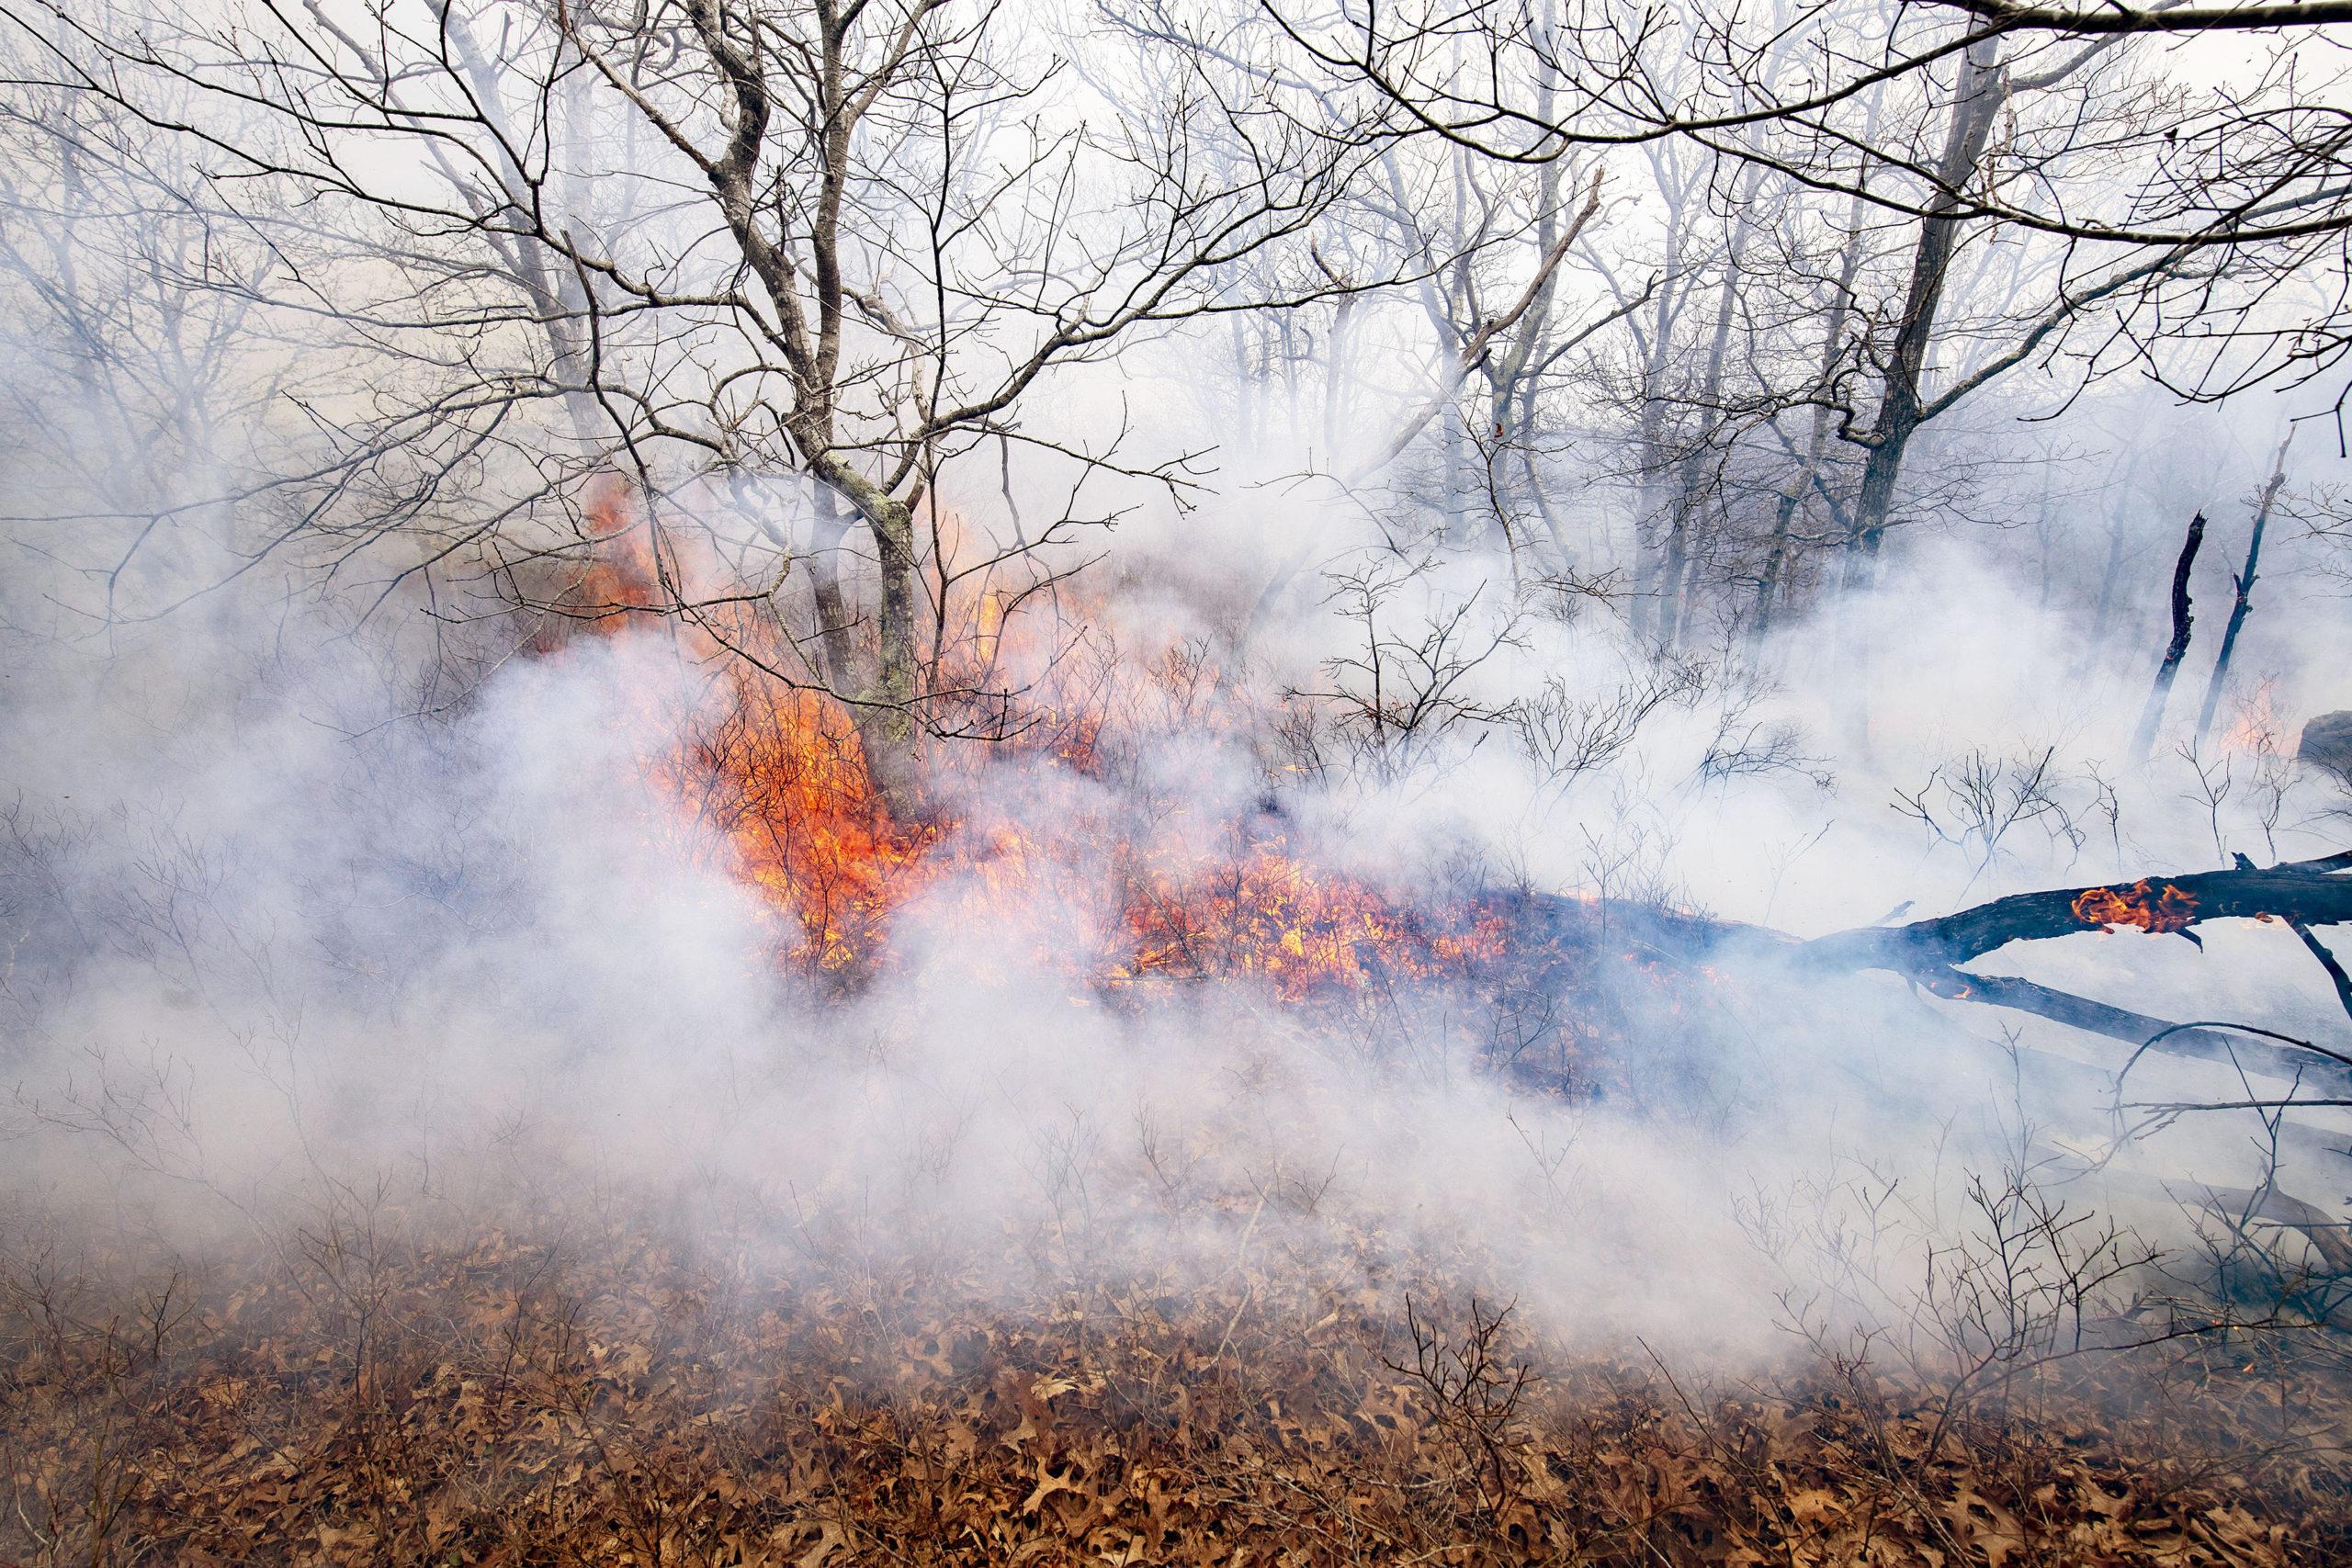 The brush fire in Wainscott Woods.